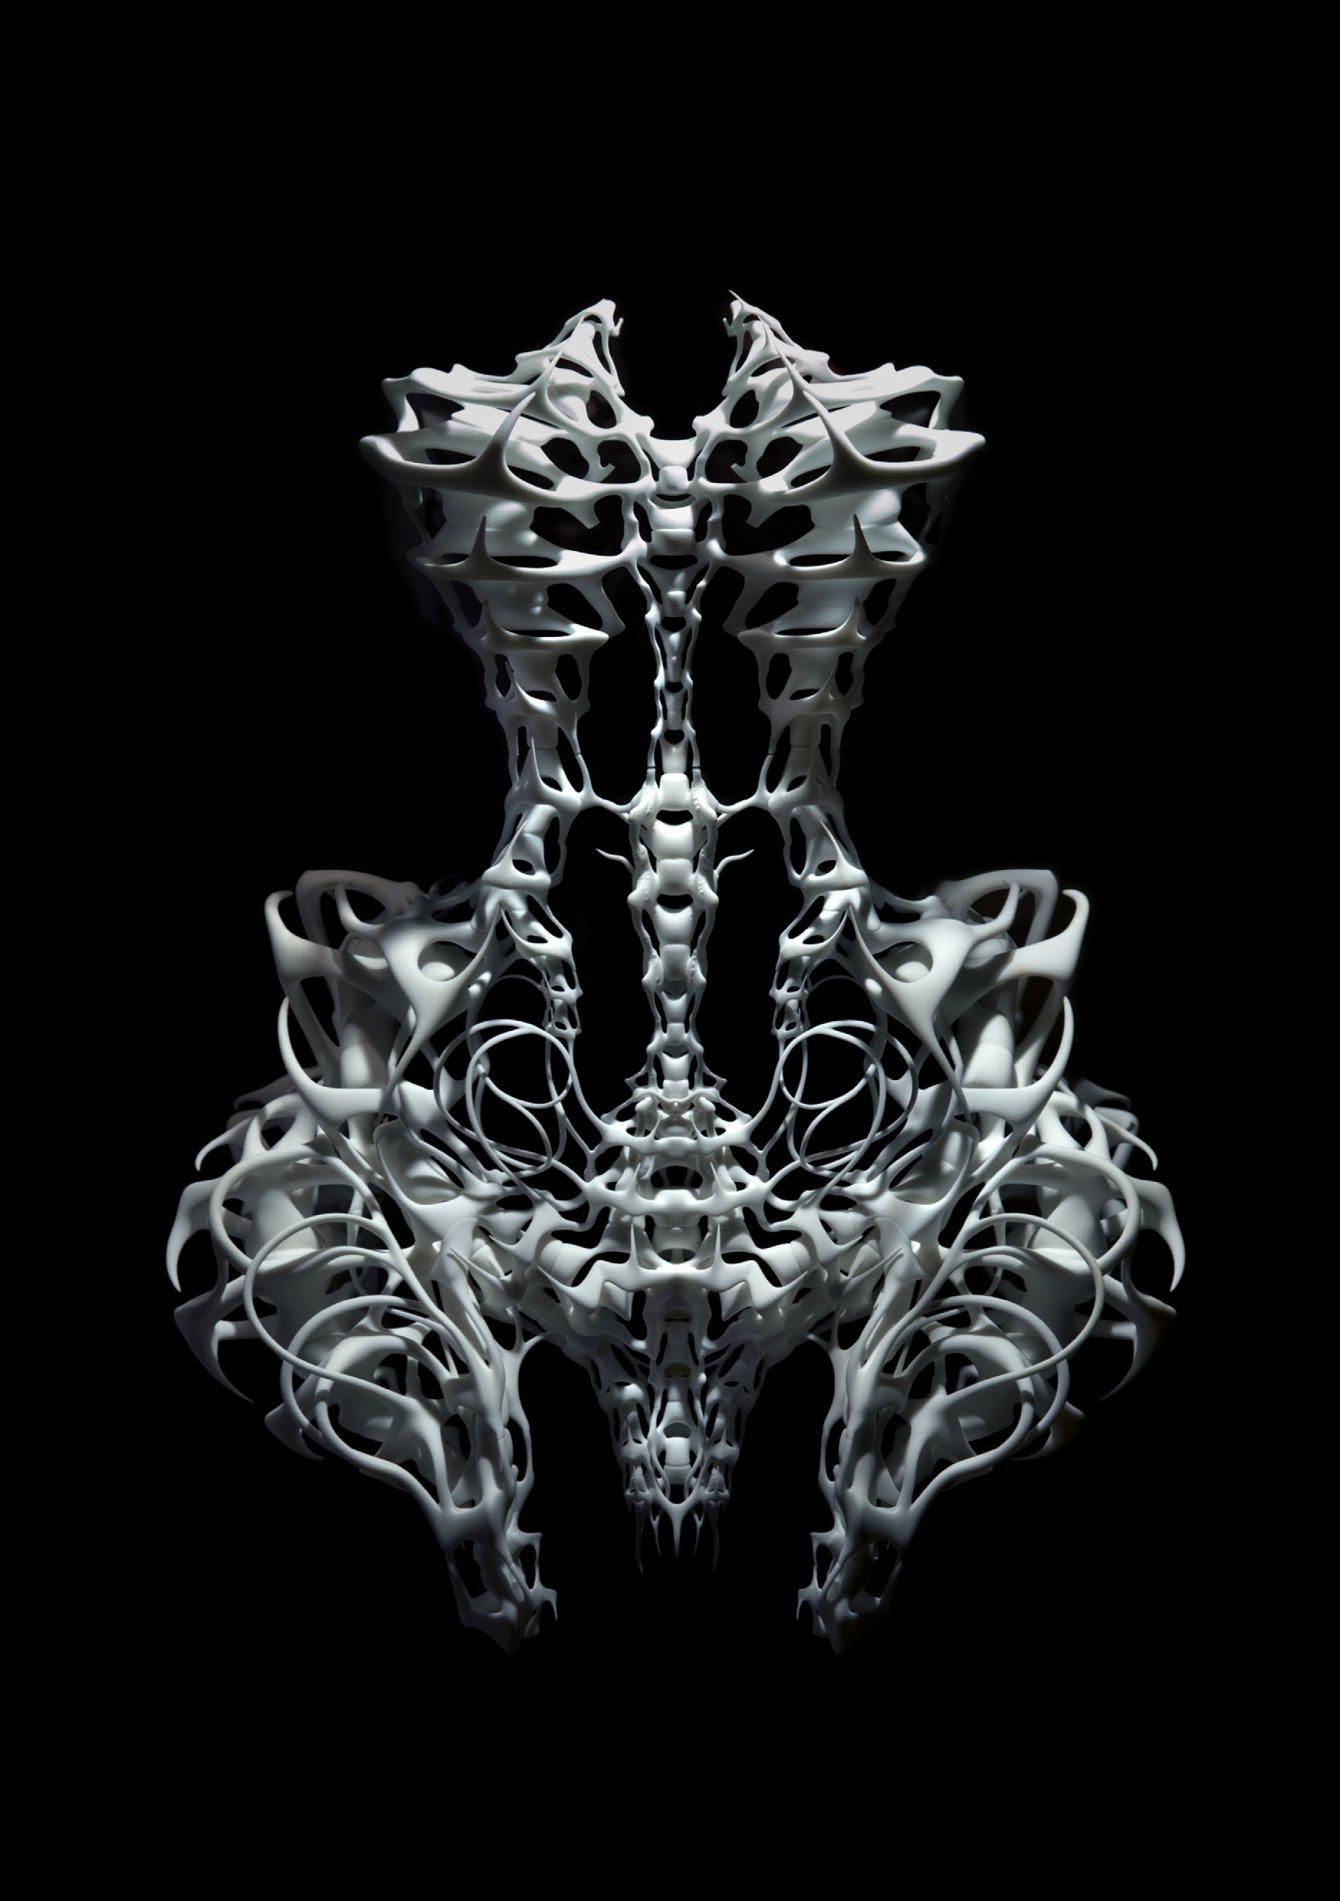 skeletonn